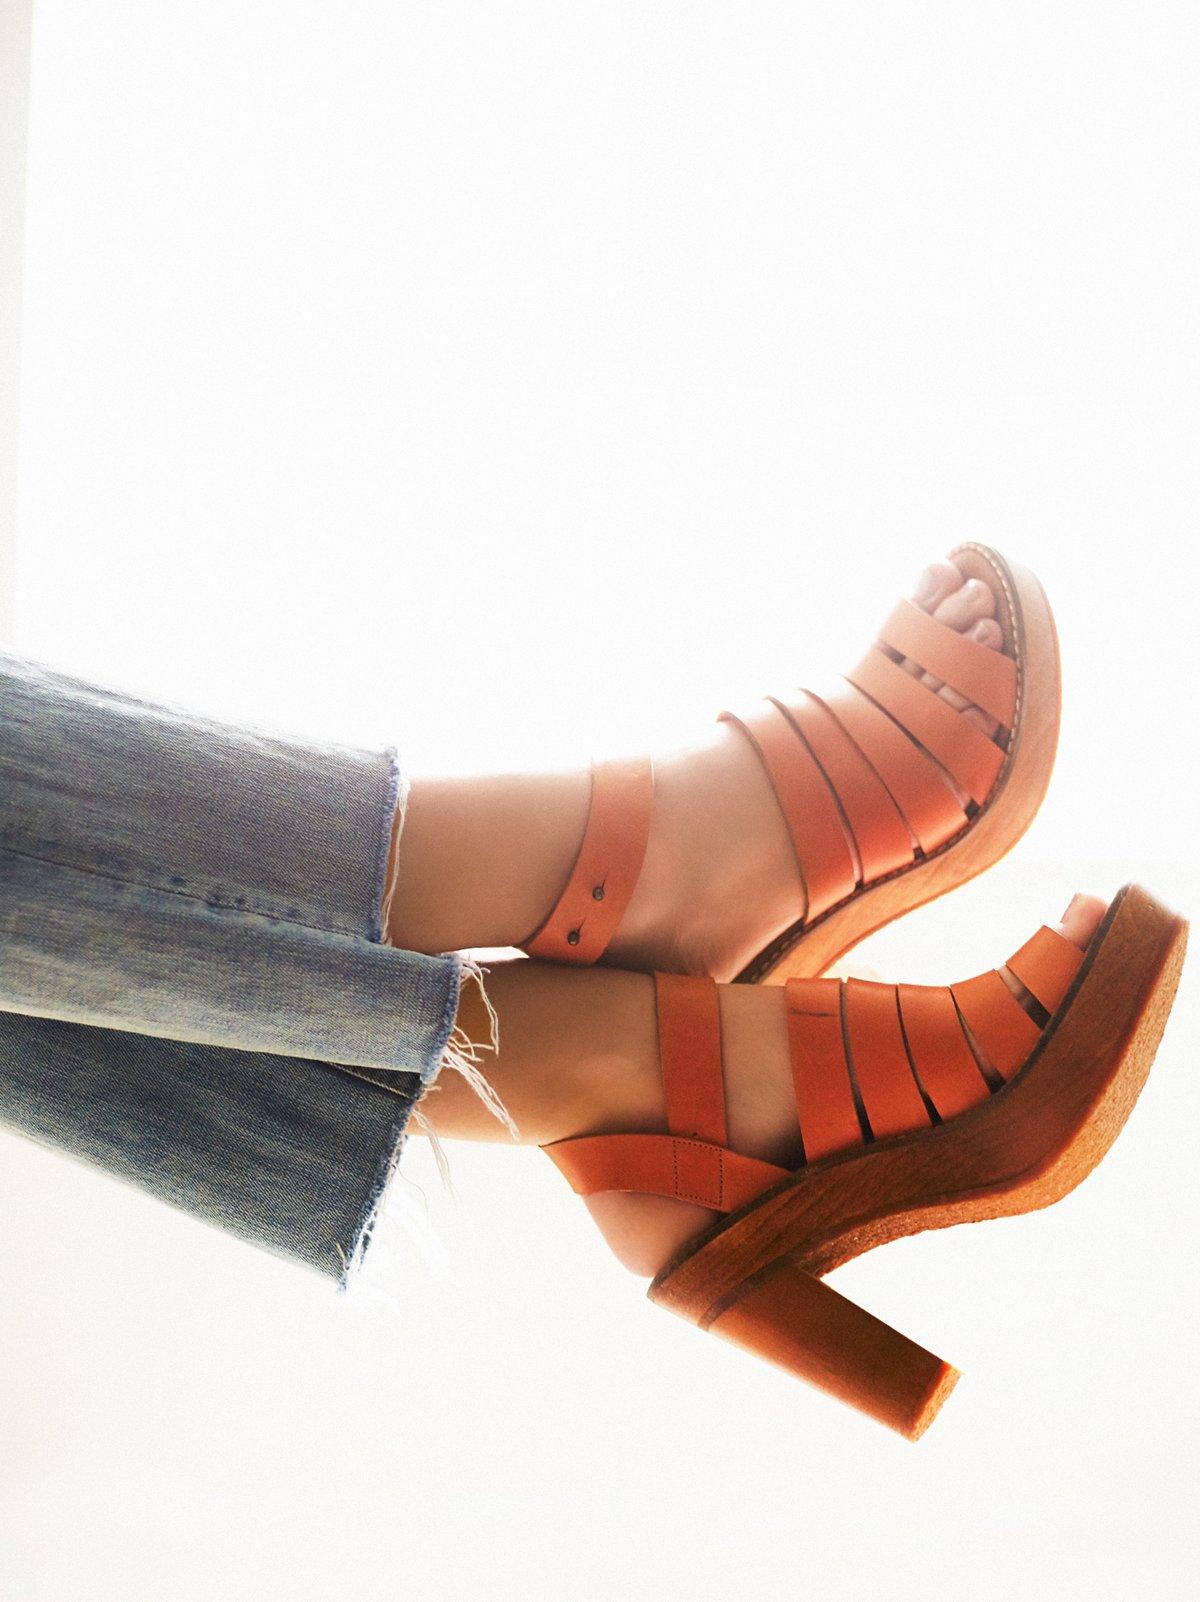 New Dule Platform Heel